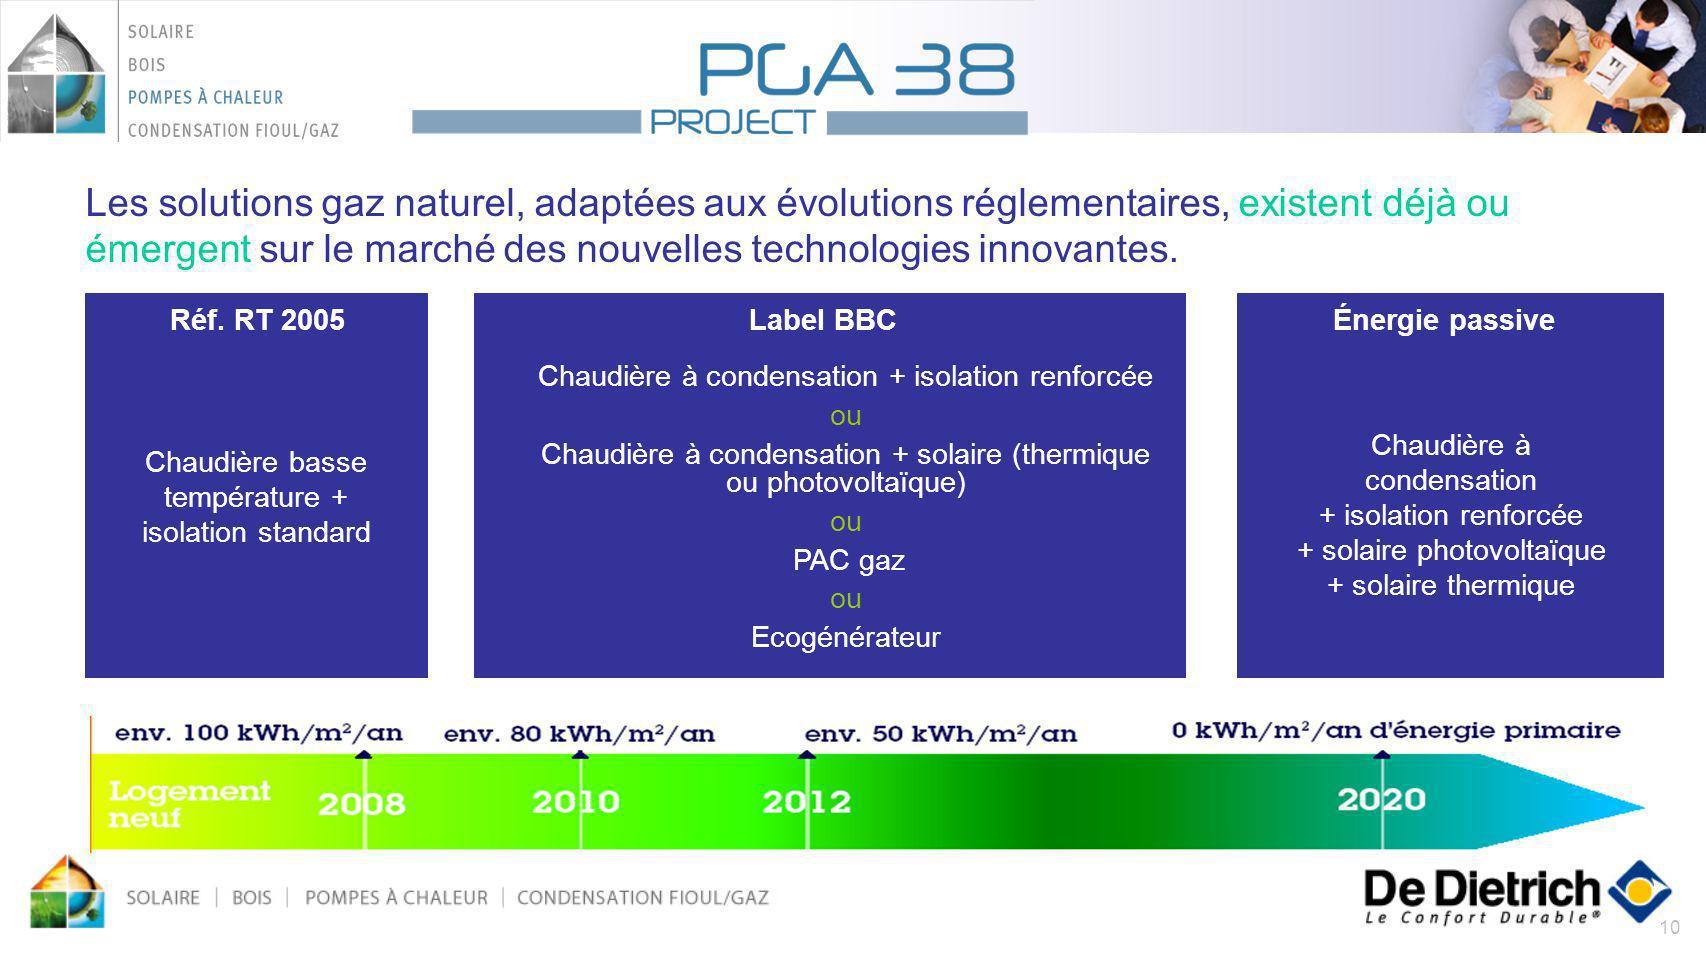 10 Label BBC Chaudière à condensation + isolation renforcée ou Chaudière à condensation + solaire (thermique ou photovoltaïque) ou PAC gaz ou Ecogénér